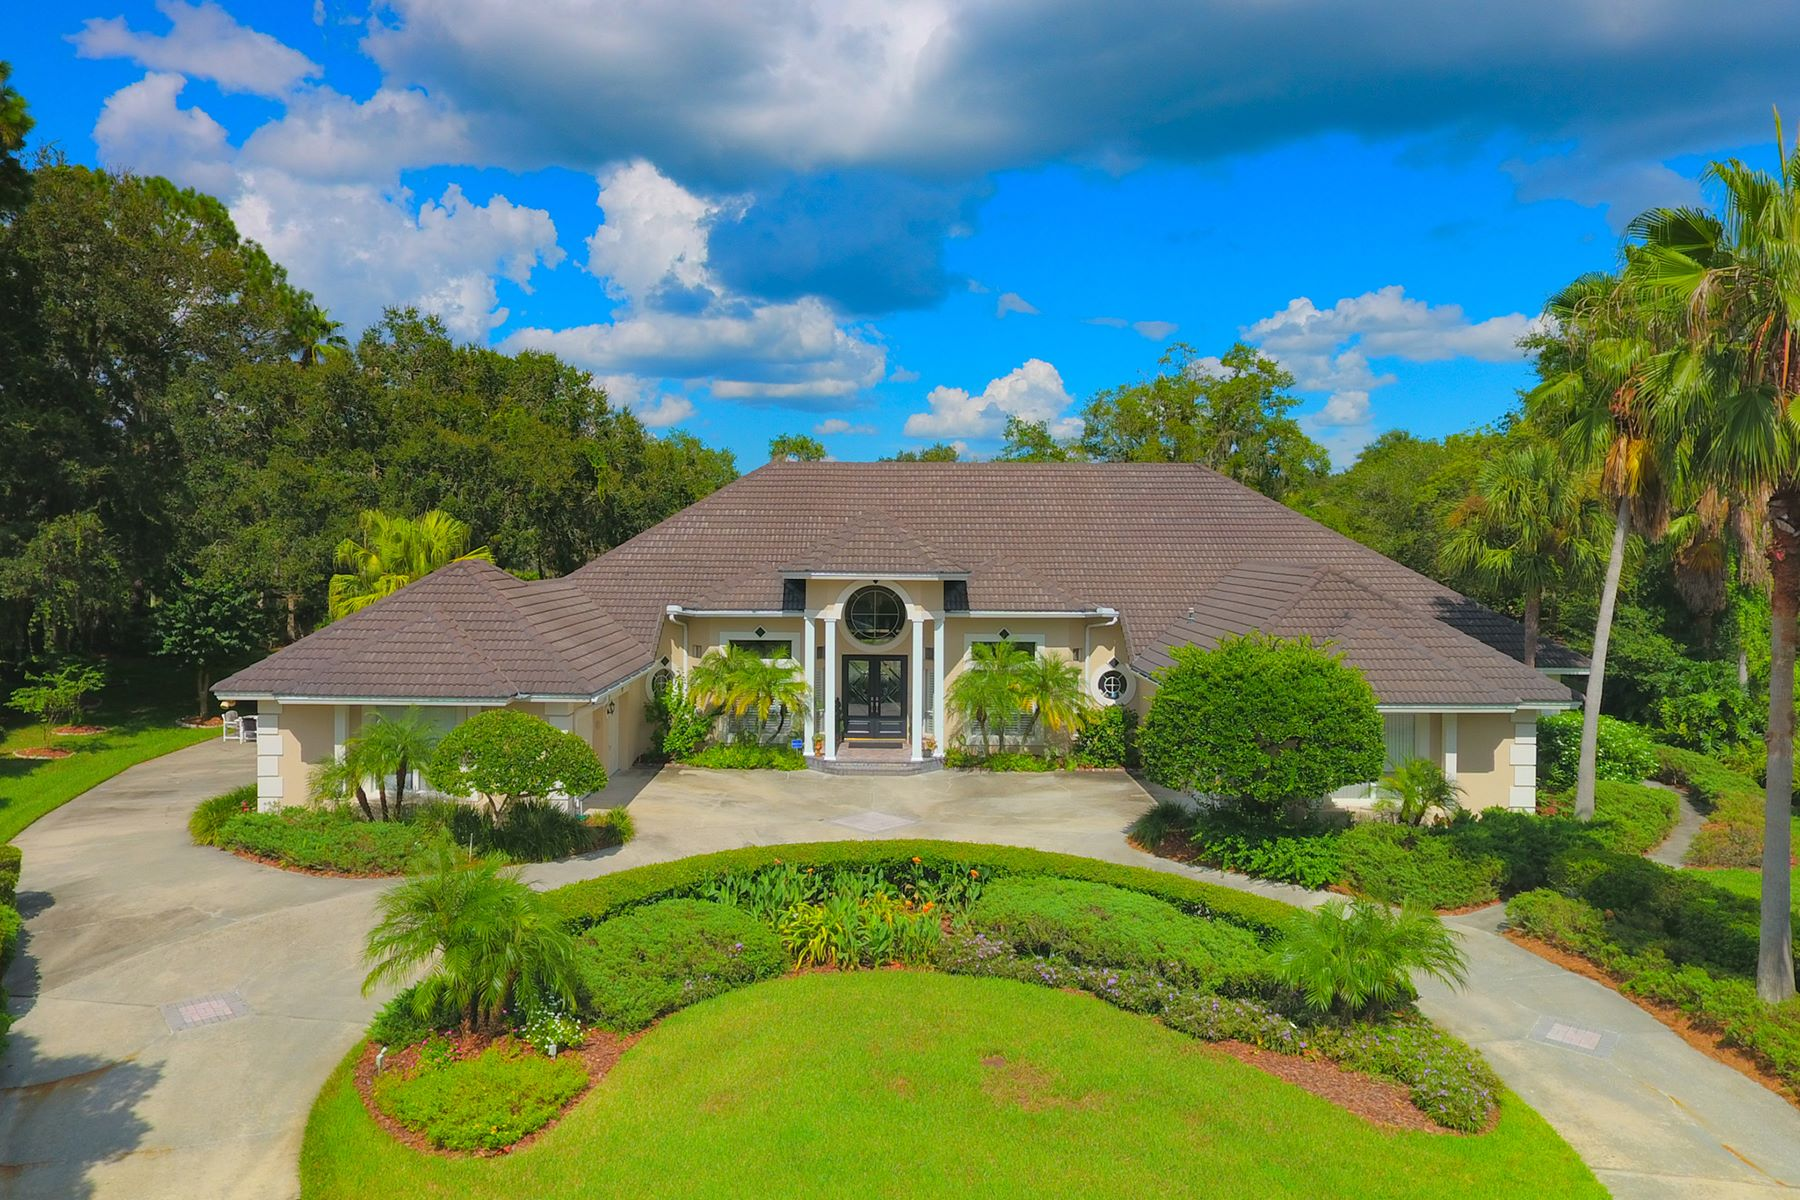 一戸建て のために 売買 アット TAMPA 6210 Emmons Ln Tampa, フロリダ, 33647 アメリカ合衆国